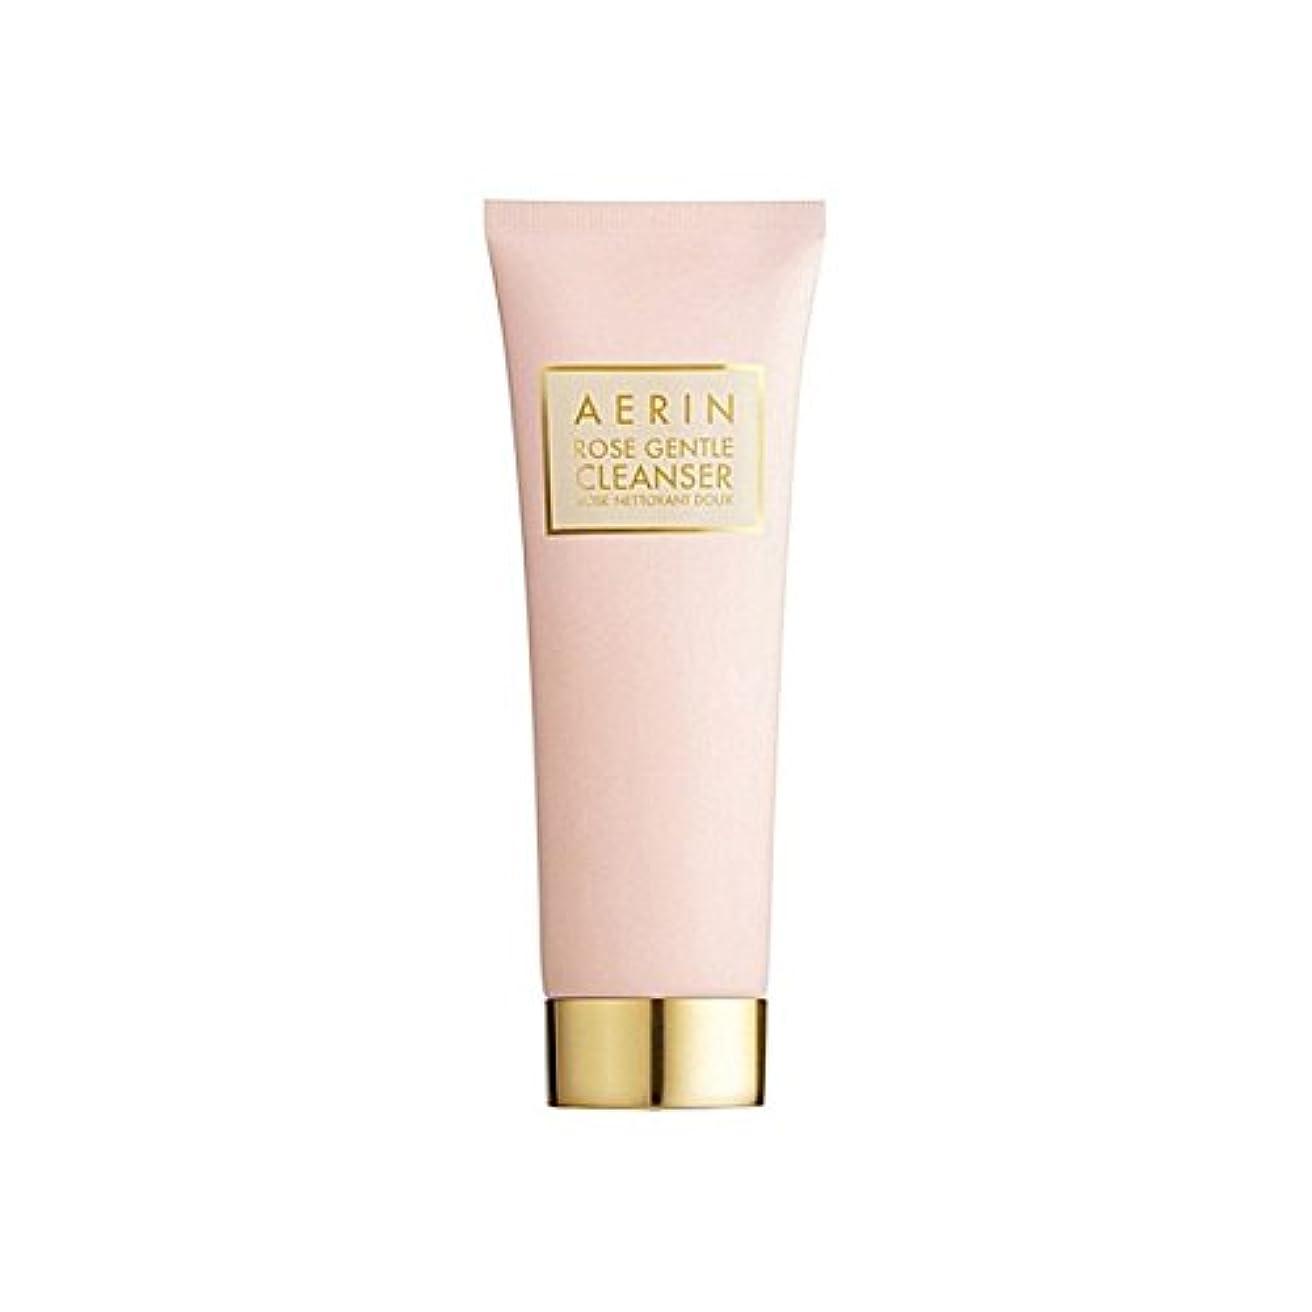 イブペデスタル住所Aerin Rose Gentle Cleanser 125ml (Pack of 6) - はジェントルクレンザーの125ミリリットルをバラ x6 [並行輸入品]